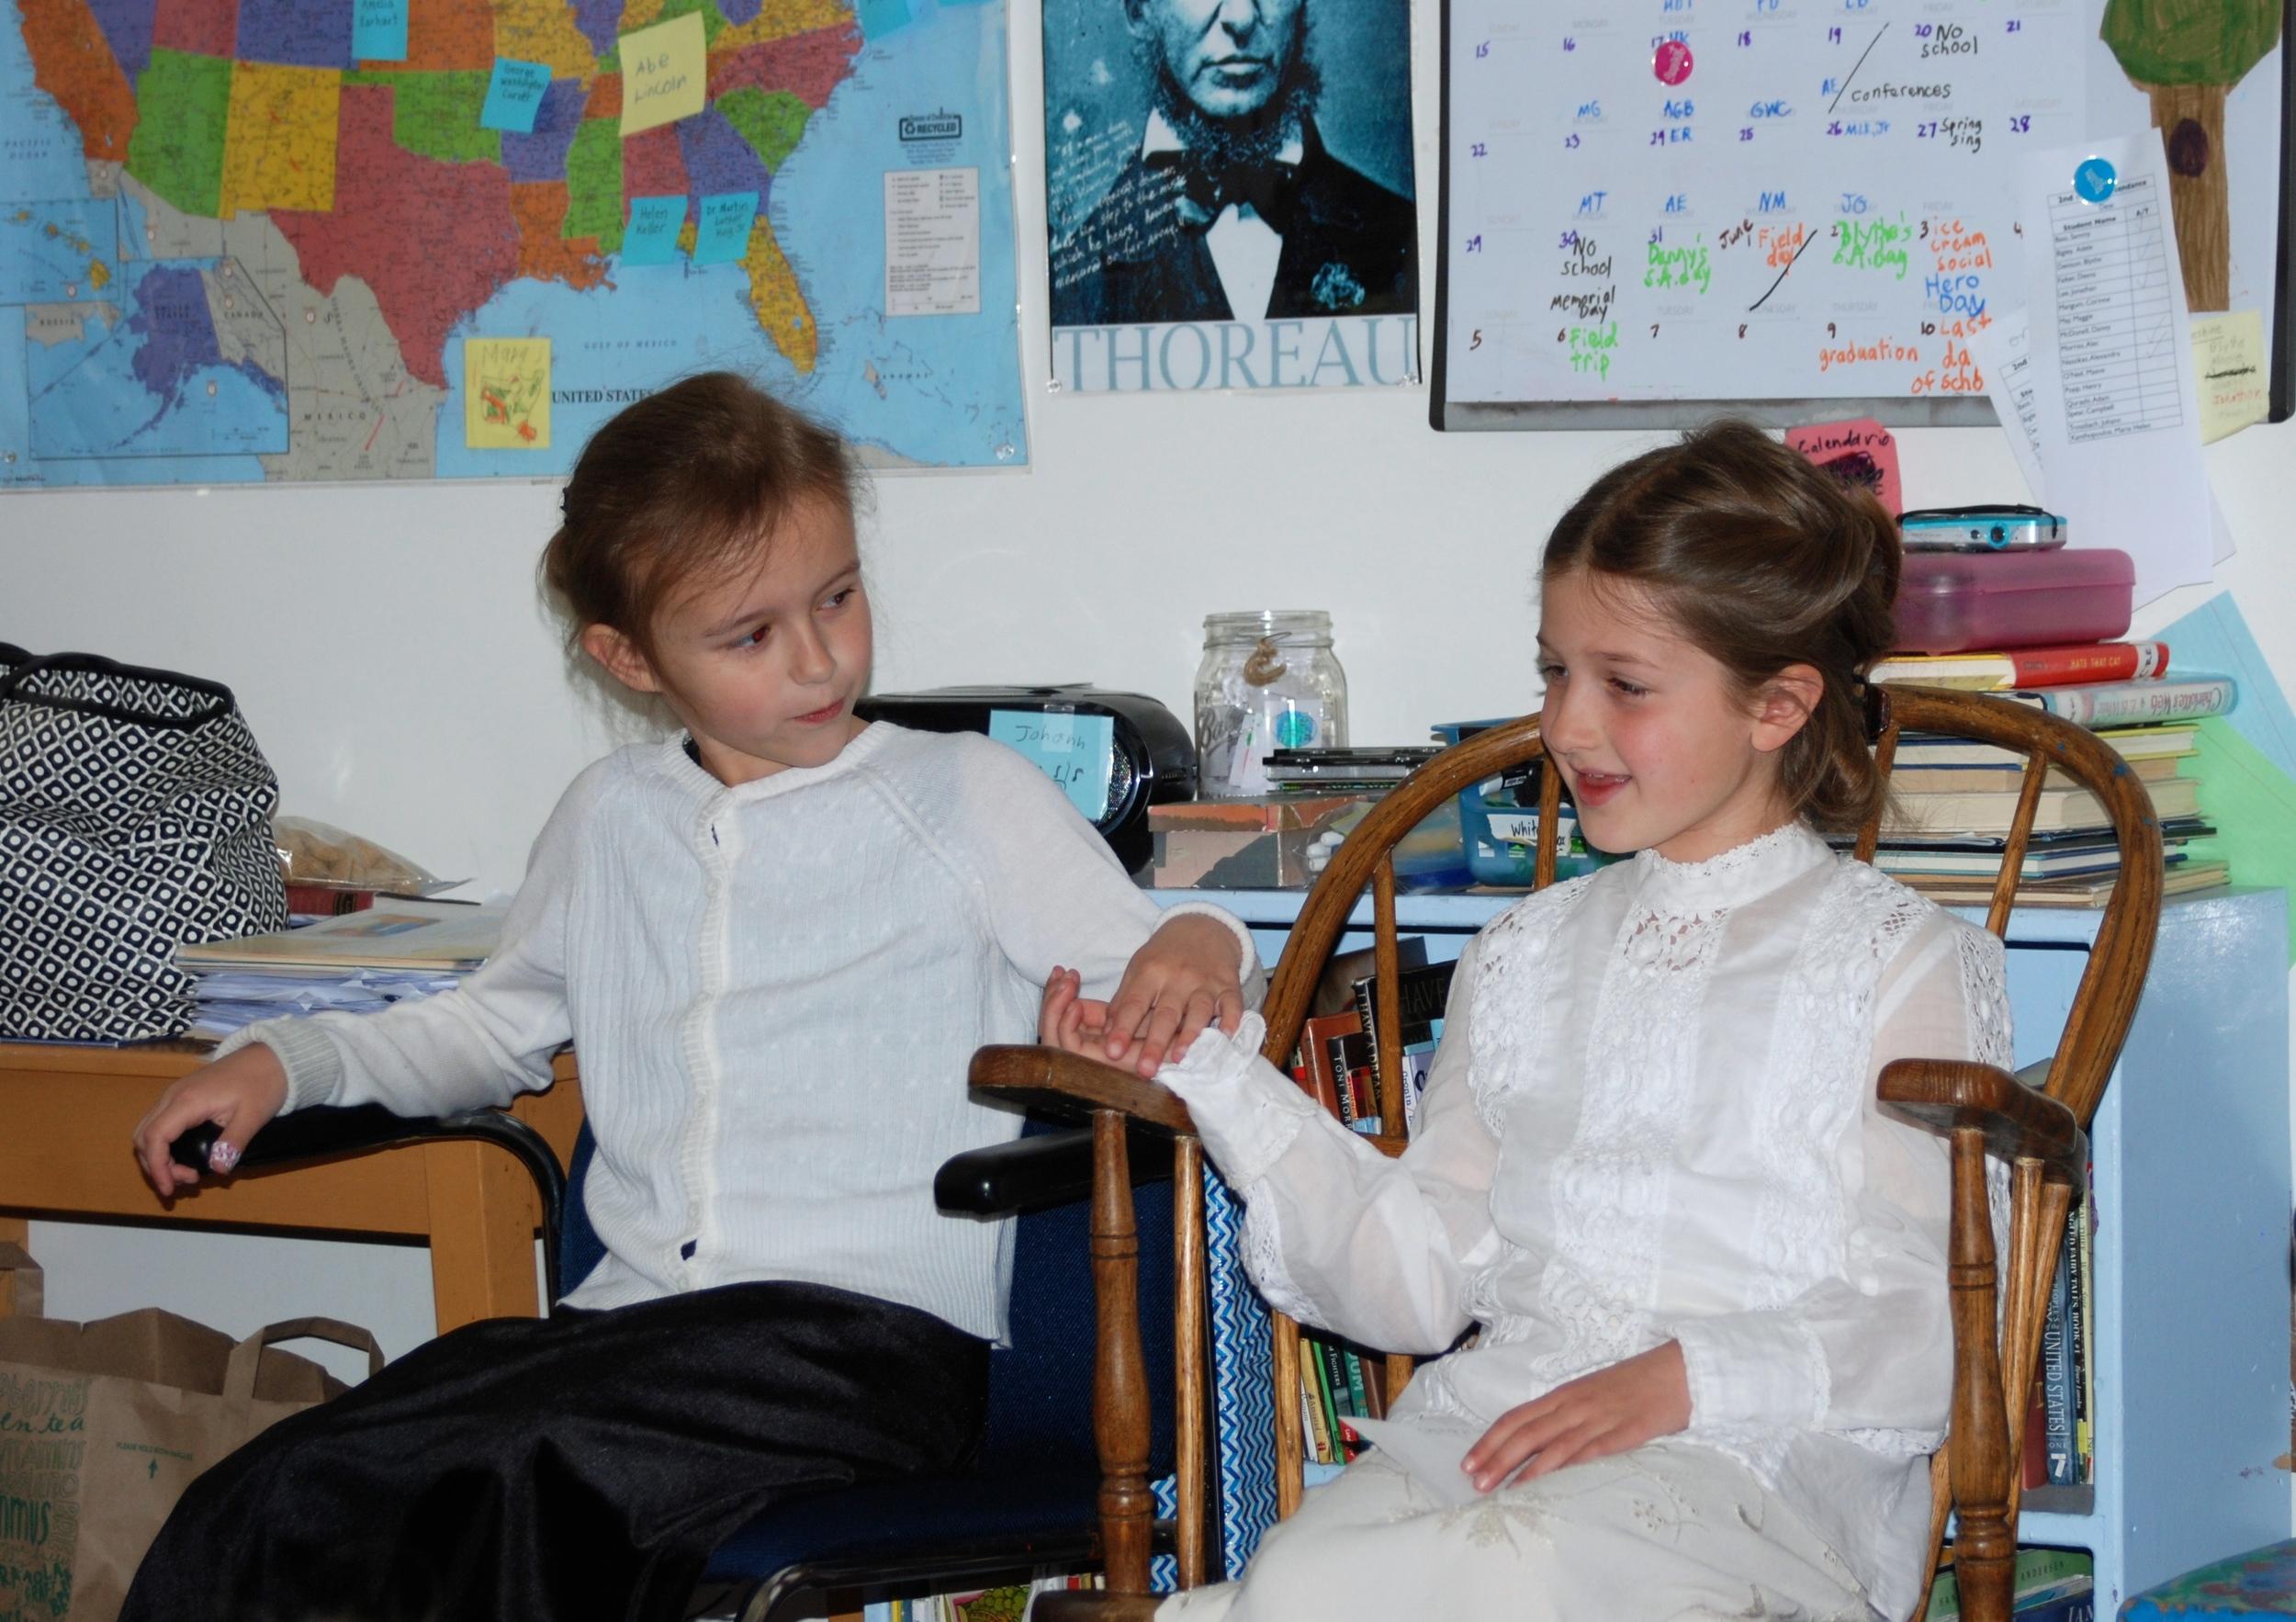 Annie Sullivan with Helen Keller